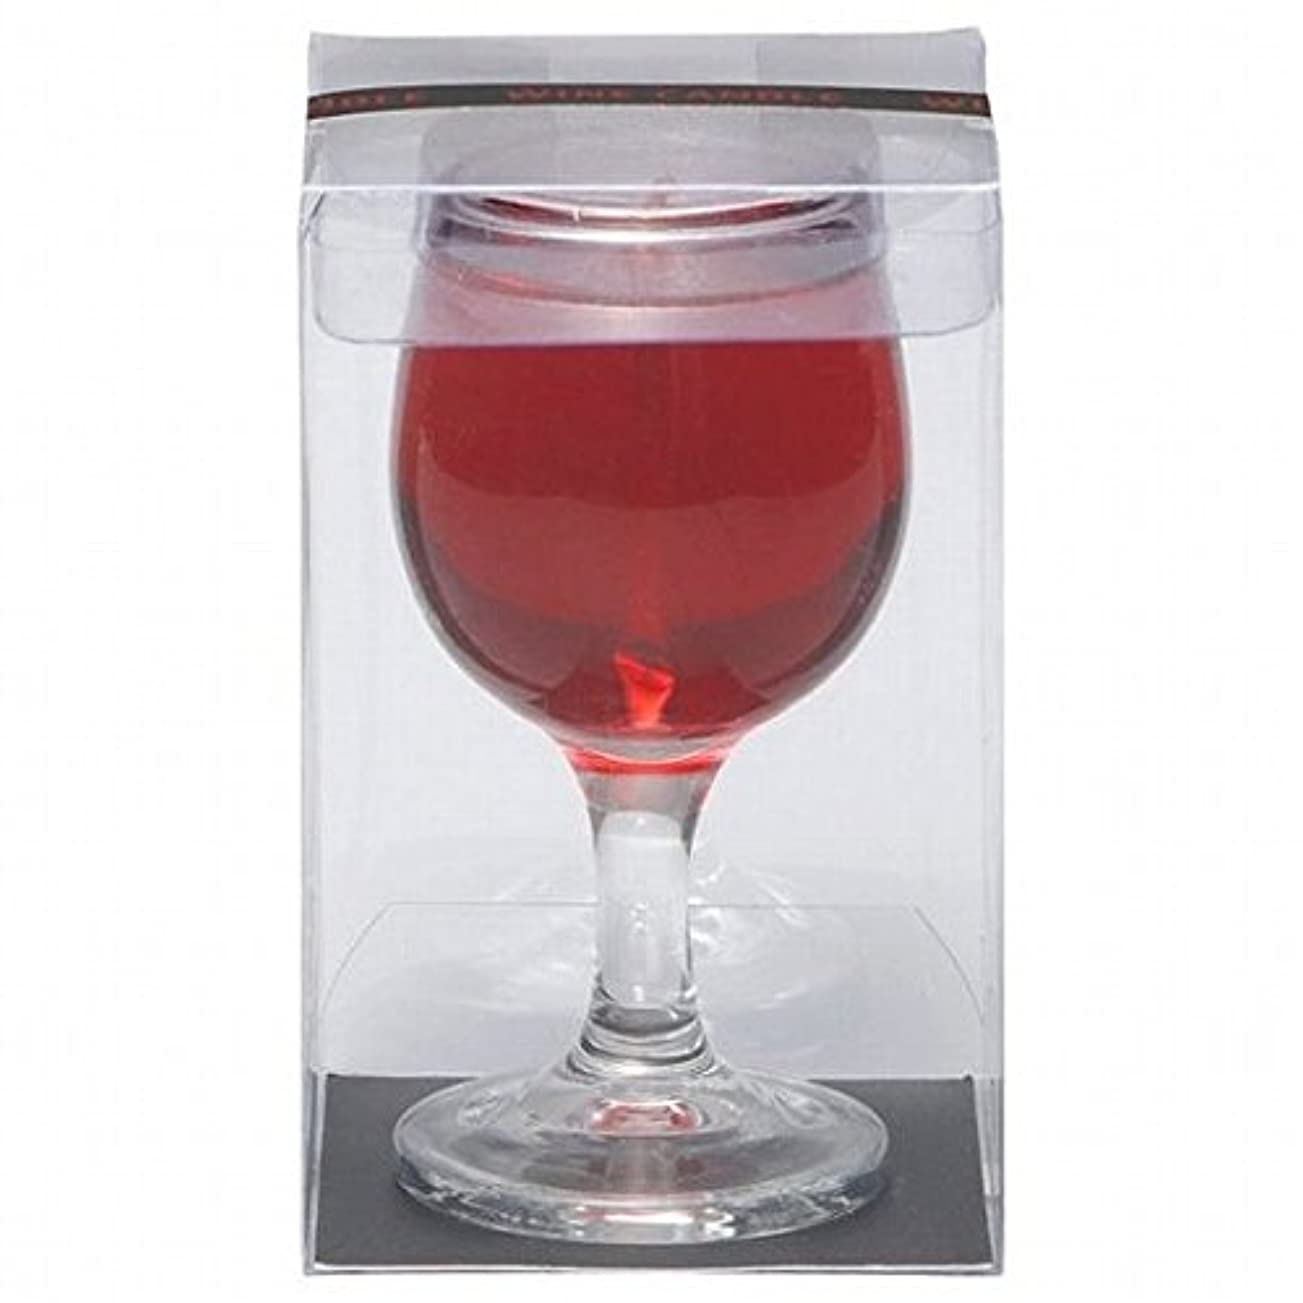 区別それによってアレルギー性kameyama candle(カメヤマキャンドル) ワインキャンドル(86260000)